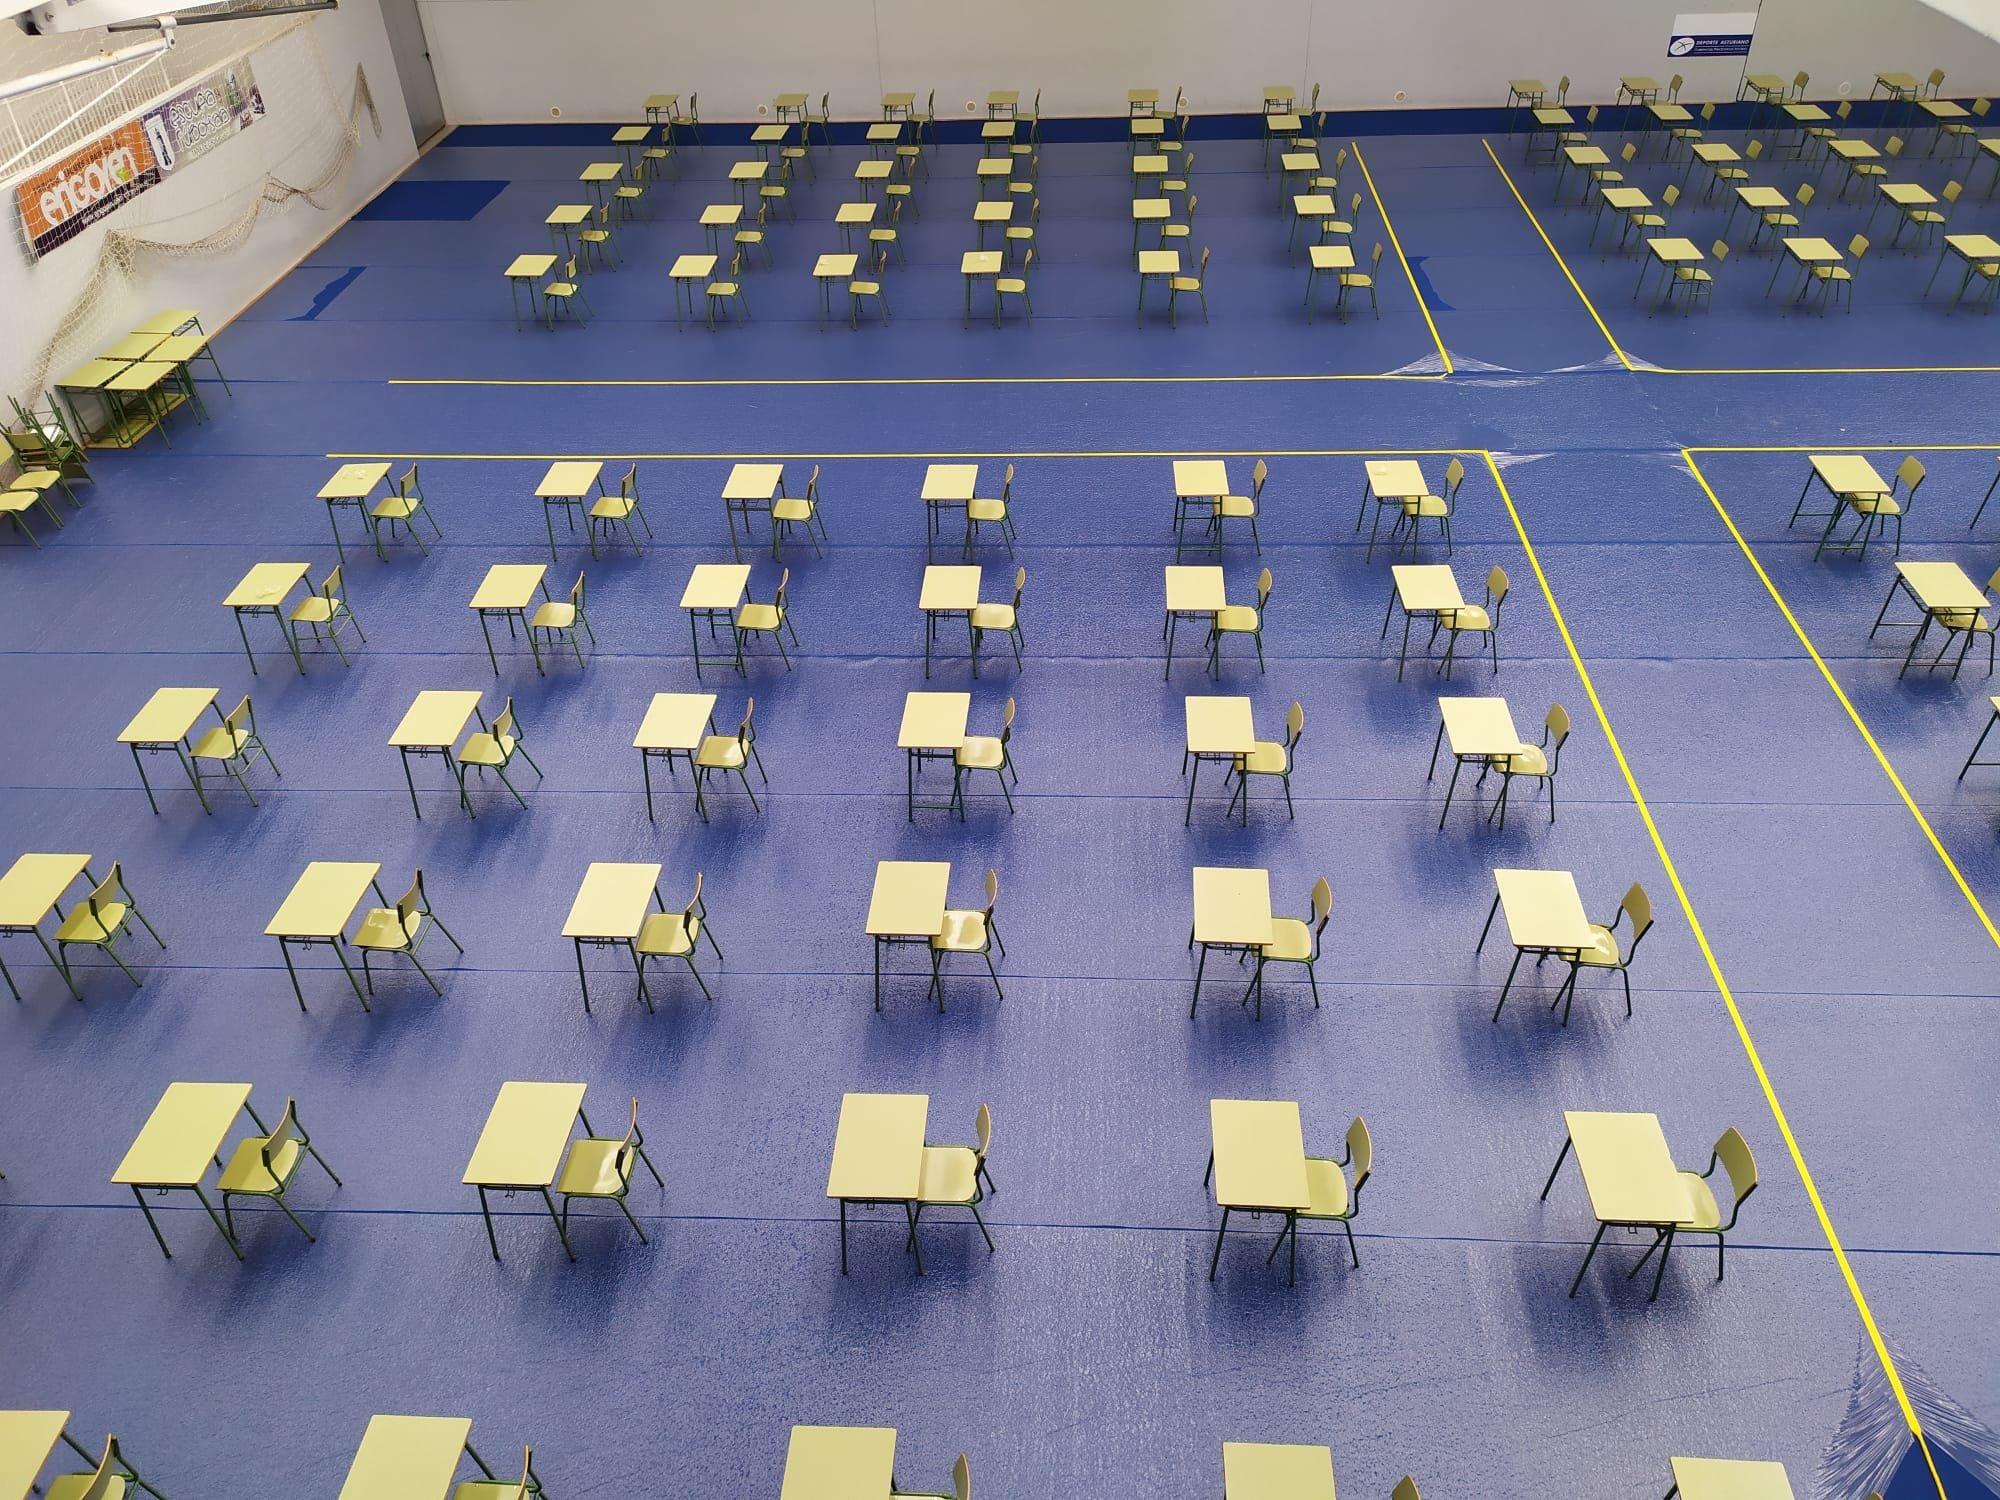 Estudiantes de Bachillerato, descontentos con el traslado a Luarca de las pruebas EBAU